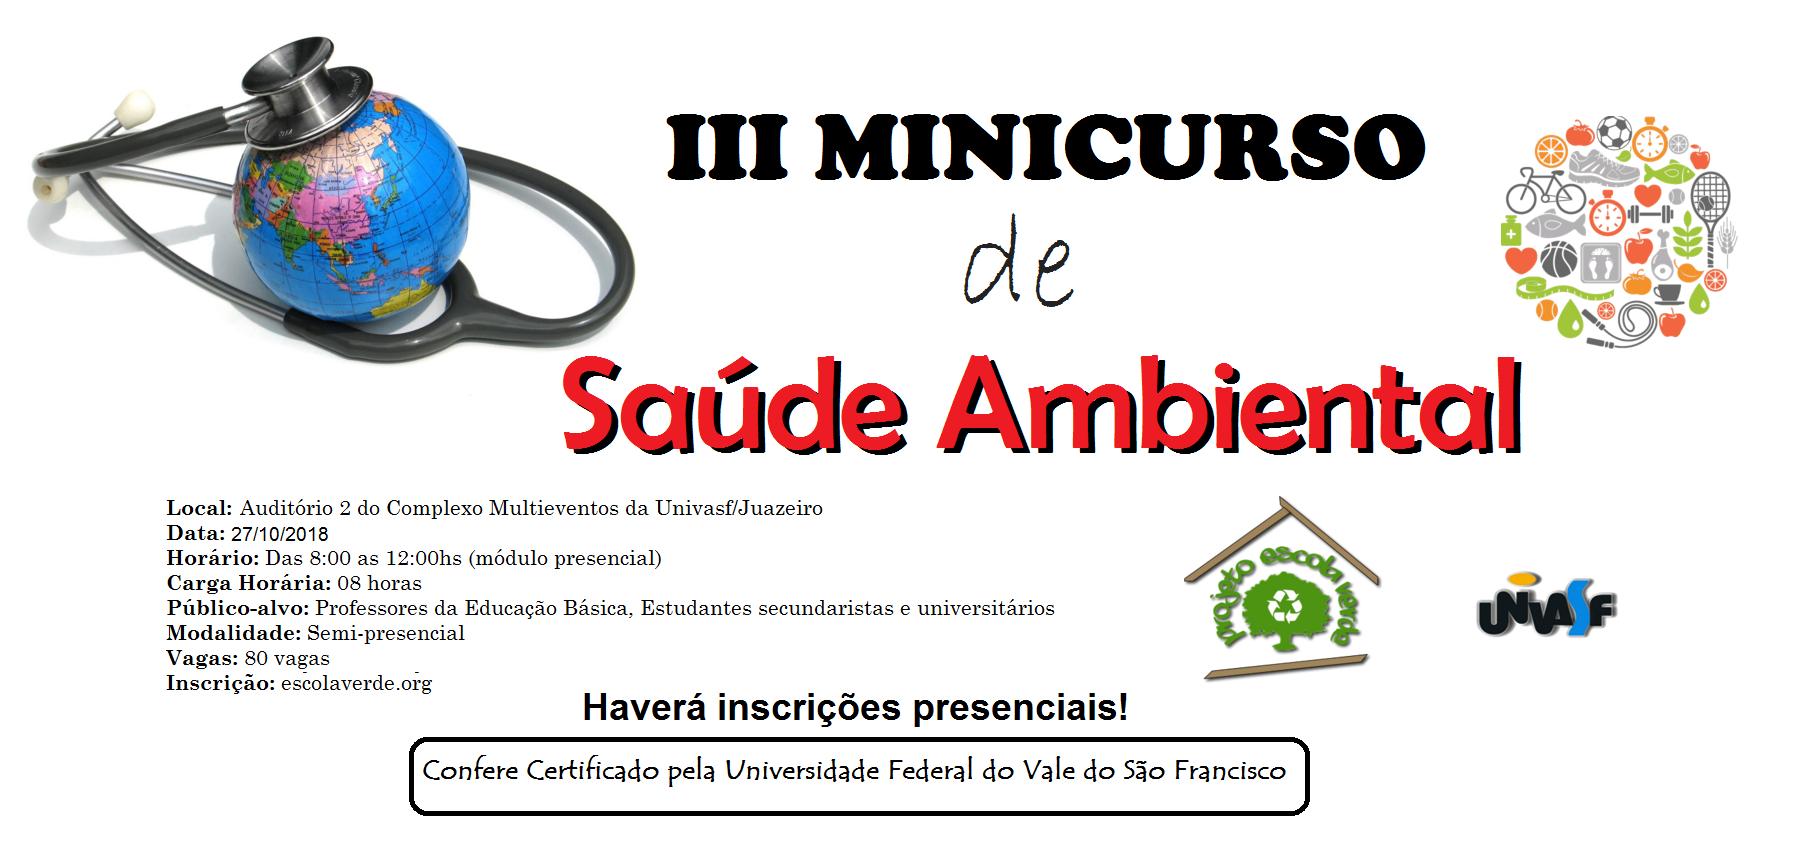 banner III minicurso de saúde ambiental